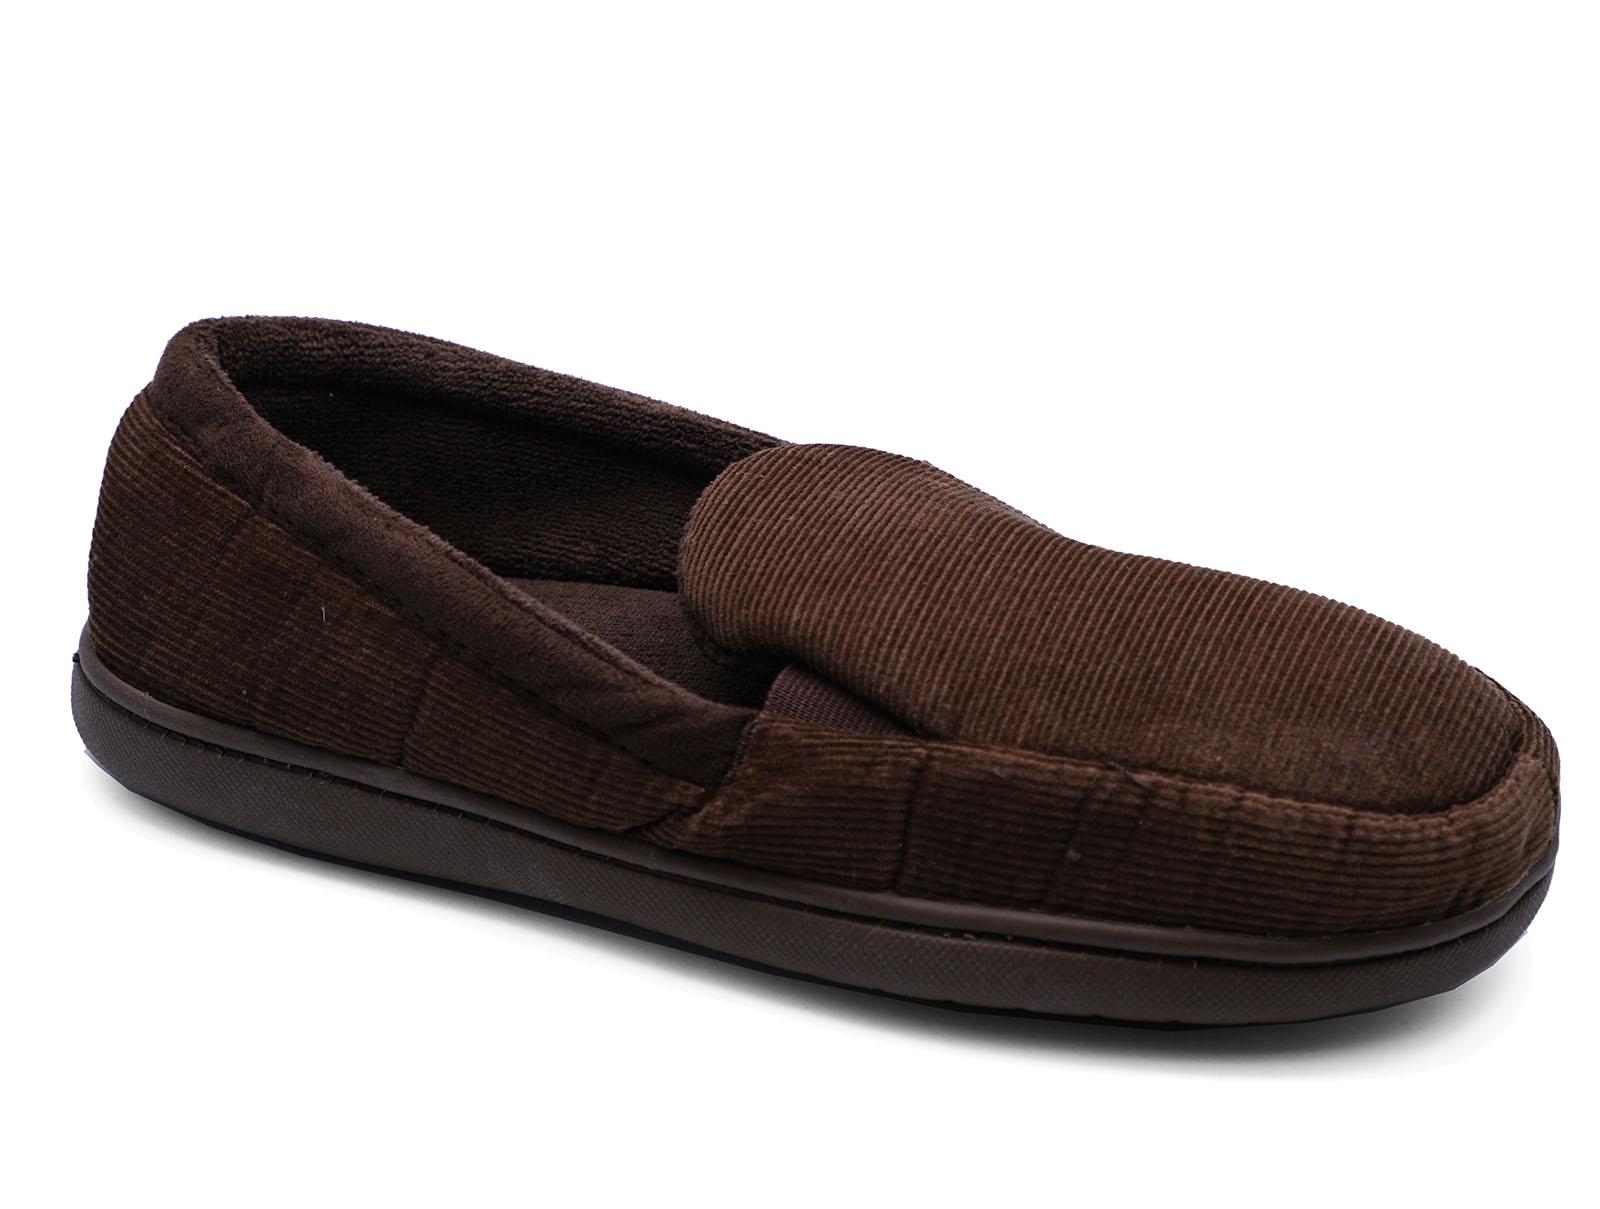 Para Hombre Marrón Sin Cordones Plana Caliente Cómodo Fresco De Interior Zapatillas De Casa Zapatos Tallas 7-11